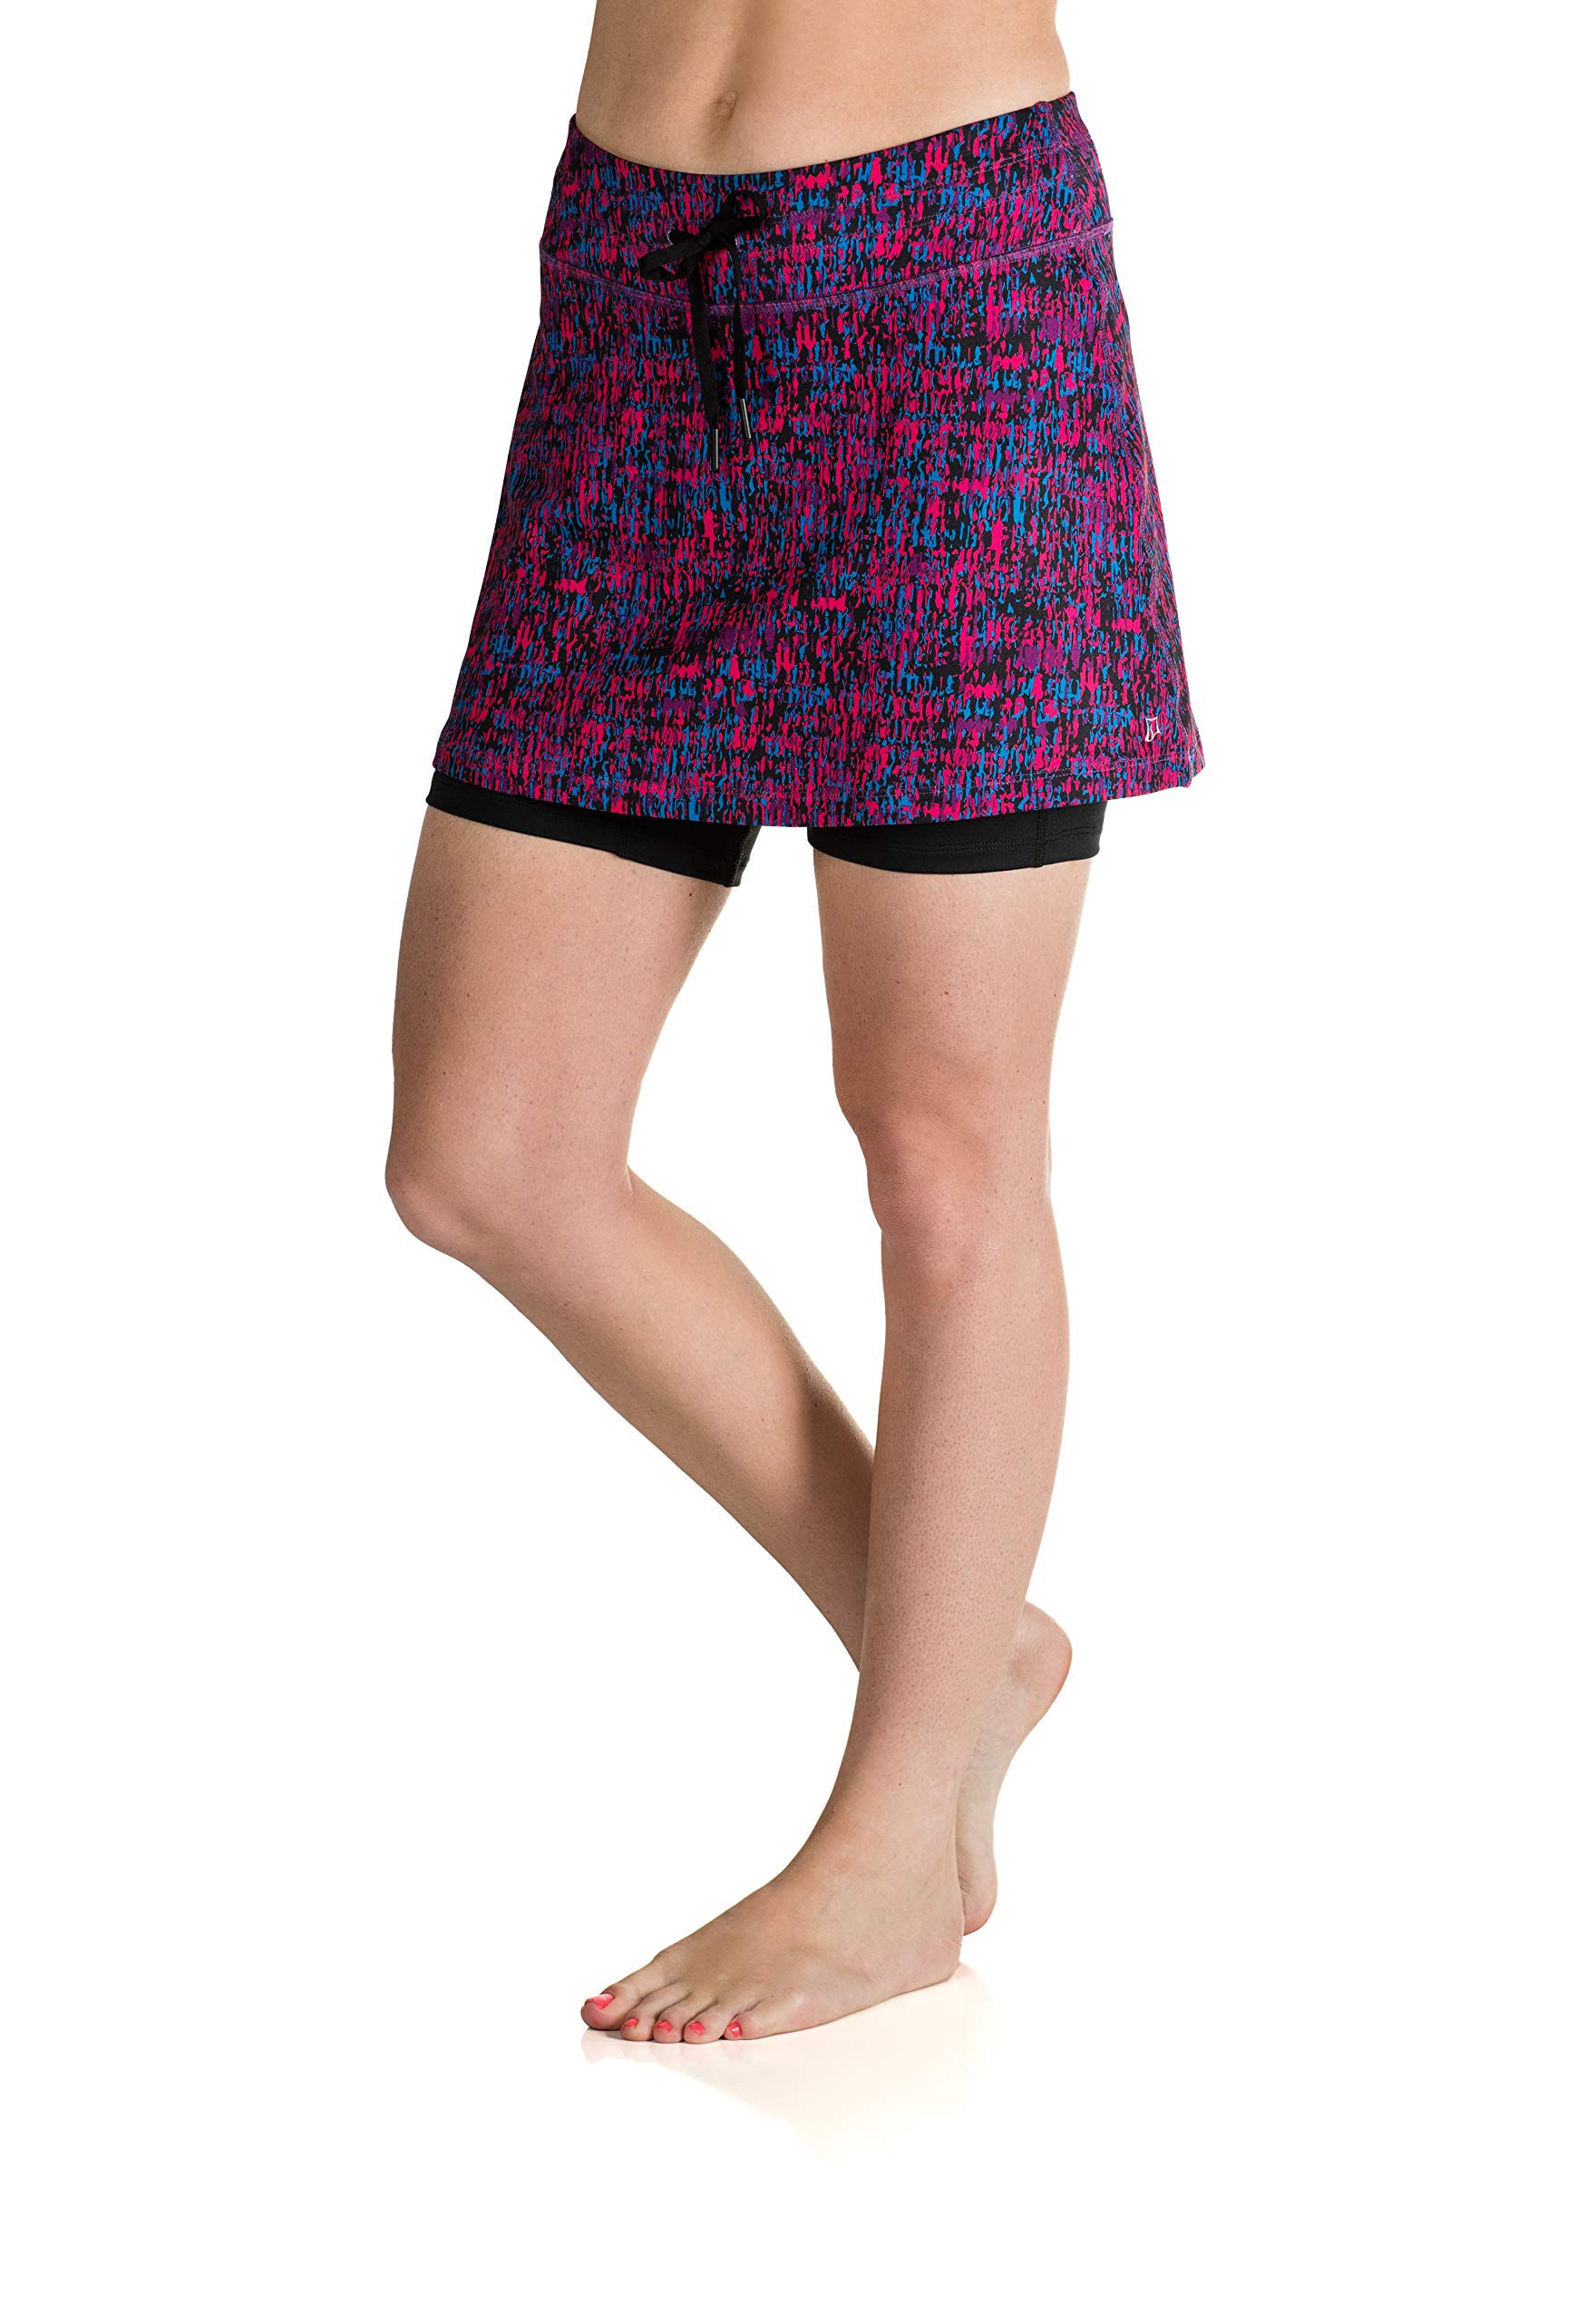 Skirt Sports Women's Lotta Breeze Skirt by Skirt Sports